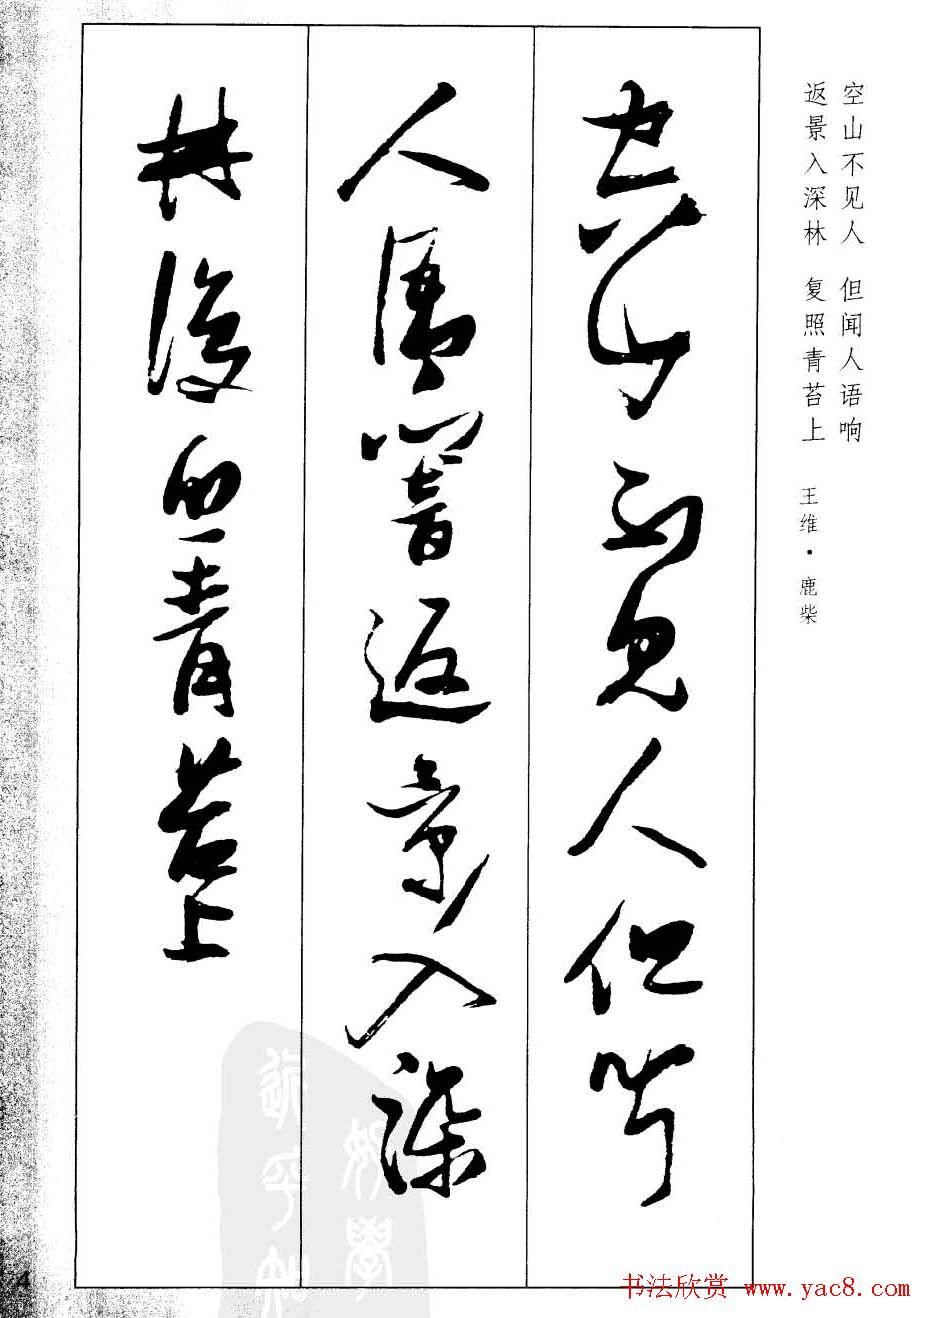 书法 书法作品 930_1318 竖版 竖屏图片